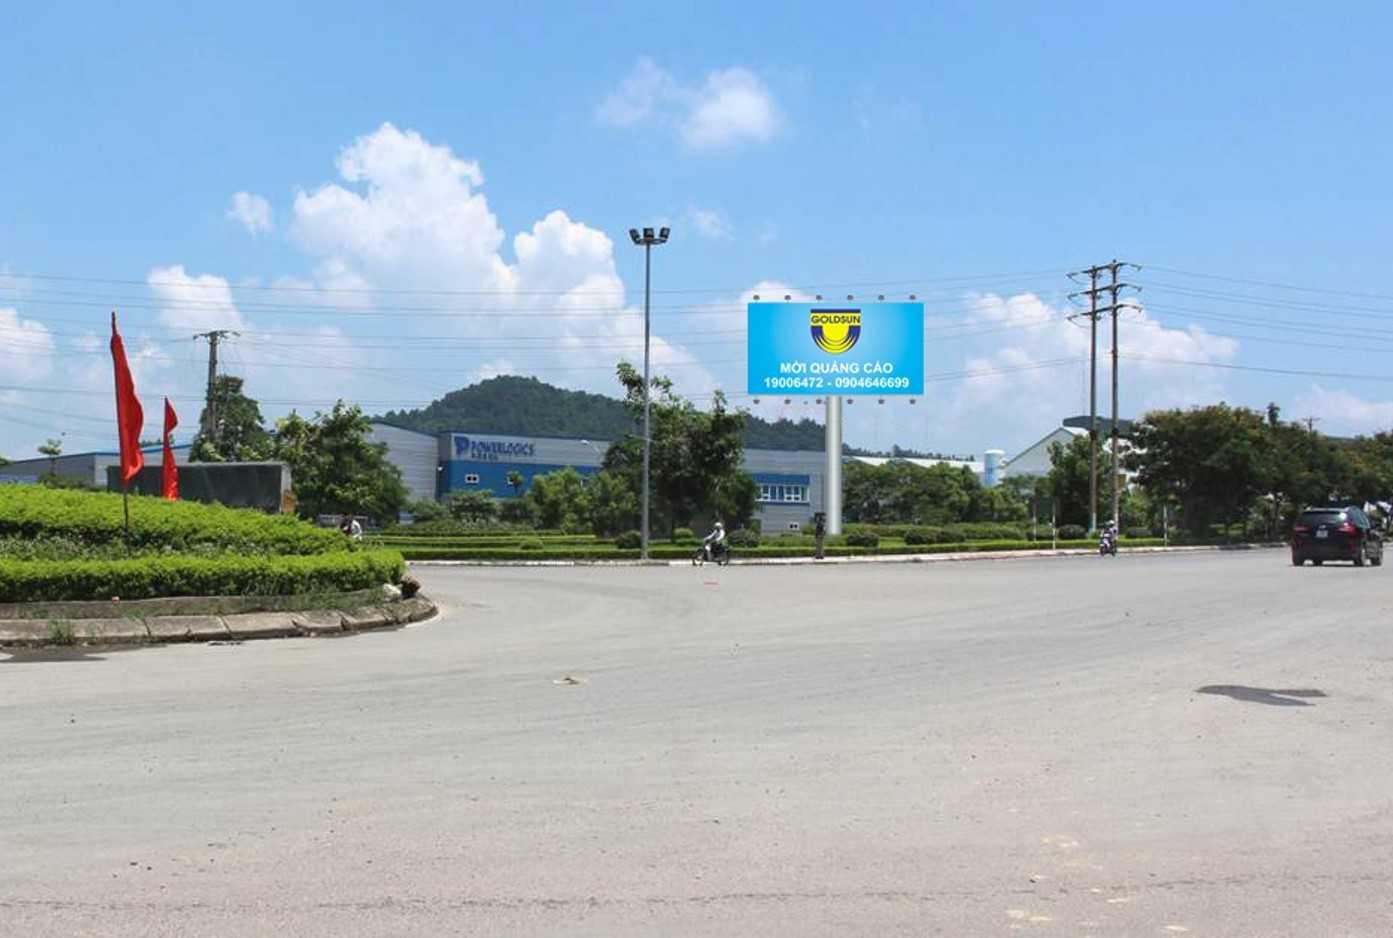 Quảng cáo Vị trí: Ngã 5 vòng xoay Bến xe Vĩnh Yên, Vĩnh Phúc